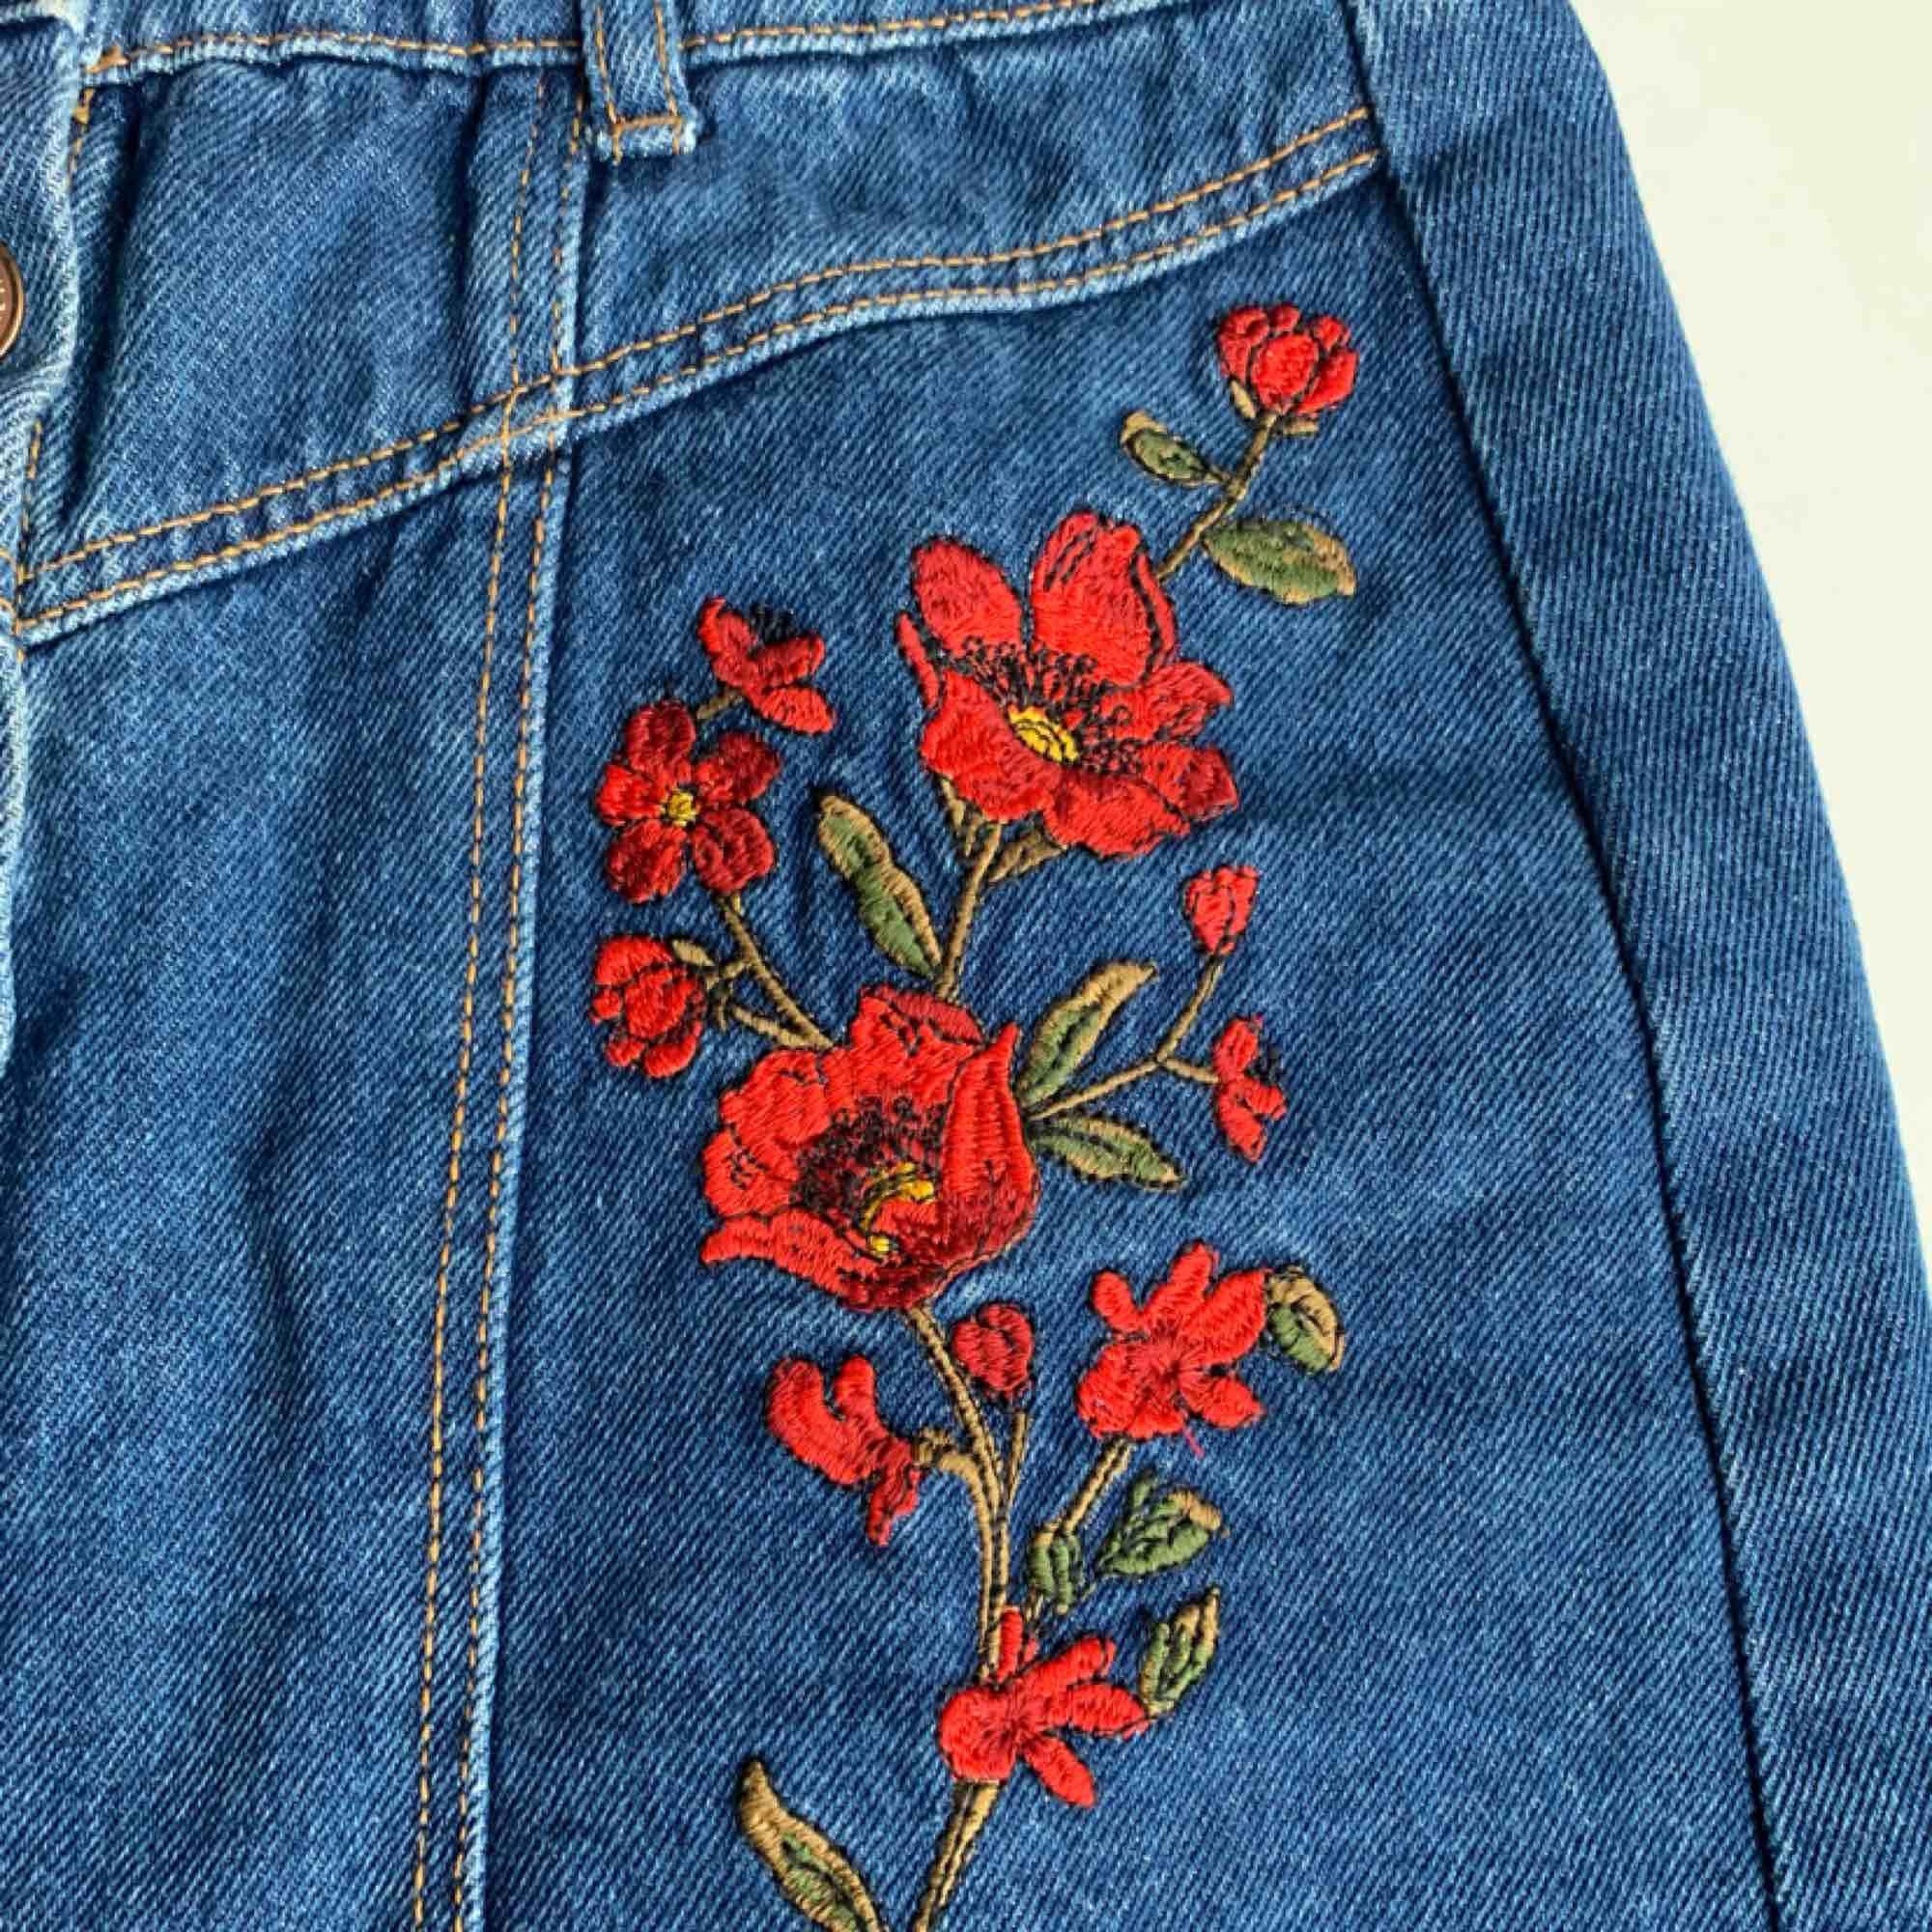 supersöt jeanskjol från stradivarius. använd fåtal gånger. fina broderade vallmoblommor på både höger o vänstersida om knapparna🧡 köparen står för frakten.. Kjolar.